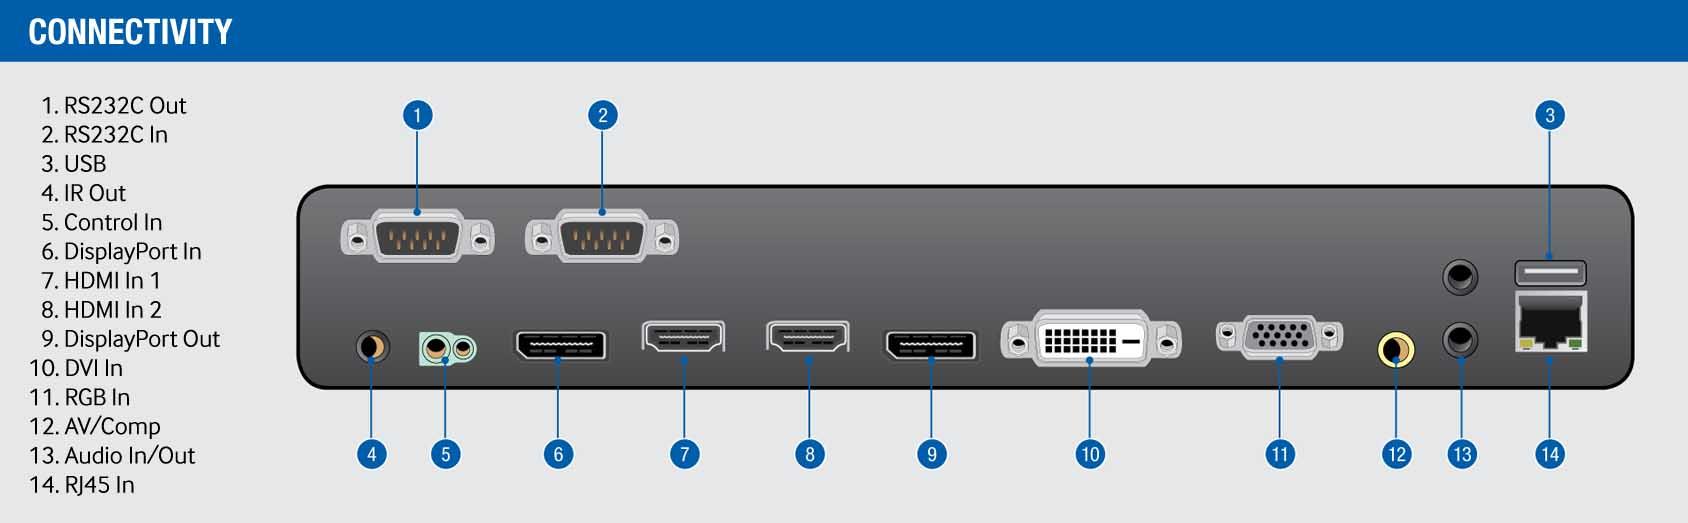 ورودی و خروجی های مانیتور صنعتی ویدئو وال ( Video Wall ) محصول کمپانی Samsung ( سامسونگ ) مدل UD46C-B